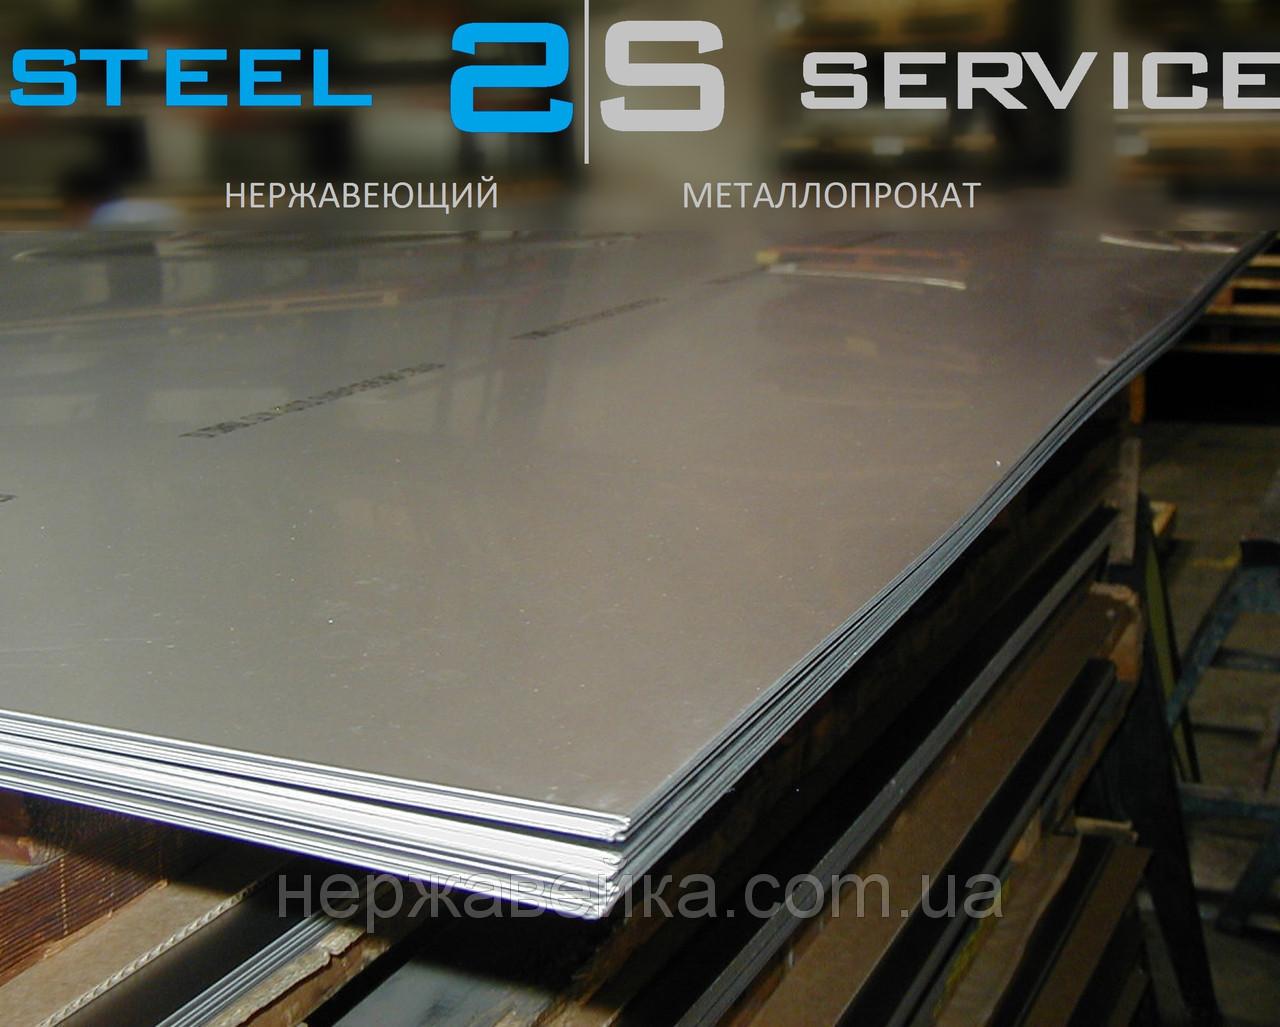 Нержавейка лист 0,8х1250х2500мм  AISI 316L(03Х17Н14М3) 4N - шлифованный,  кислотостойкий